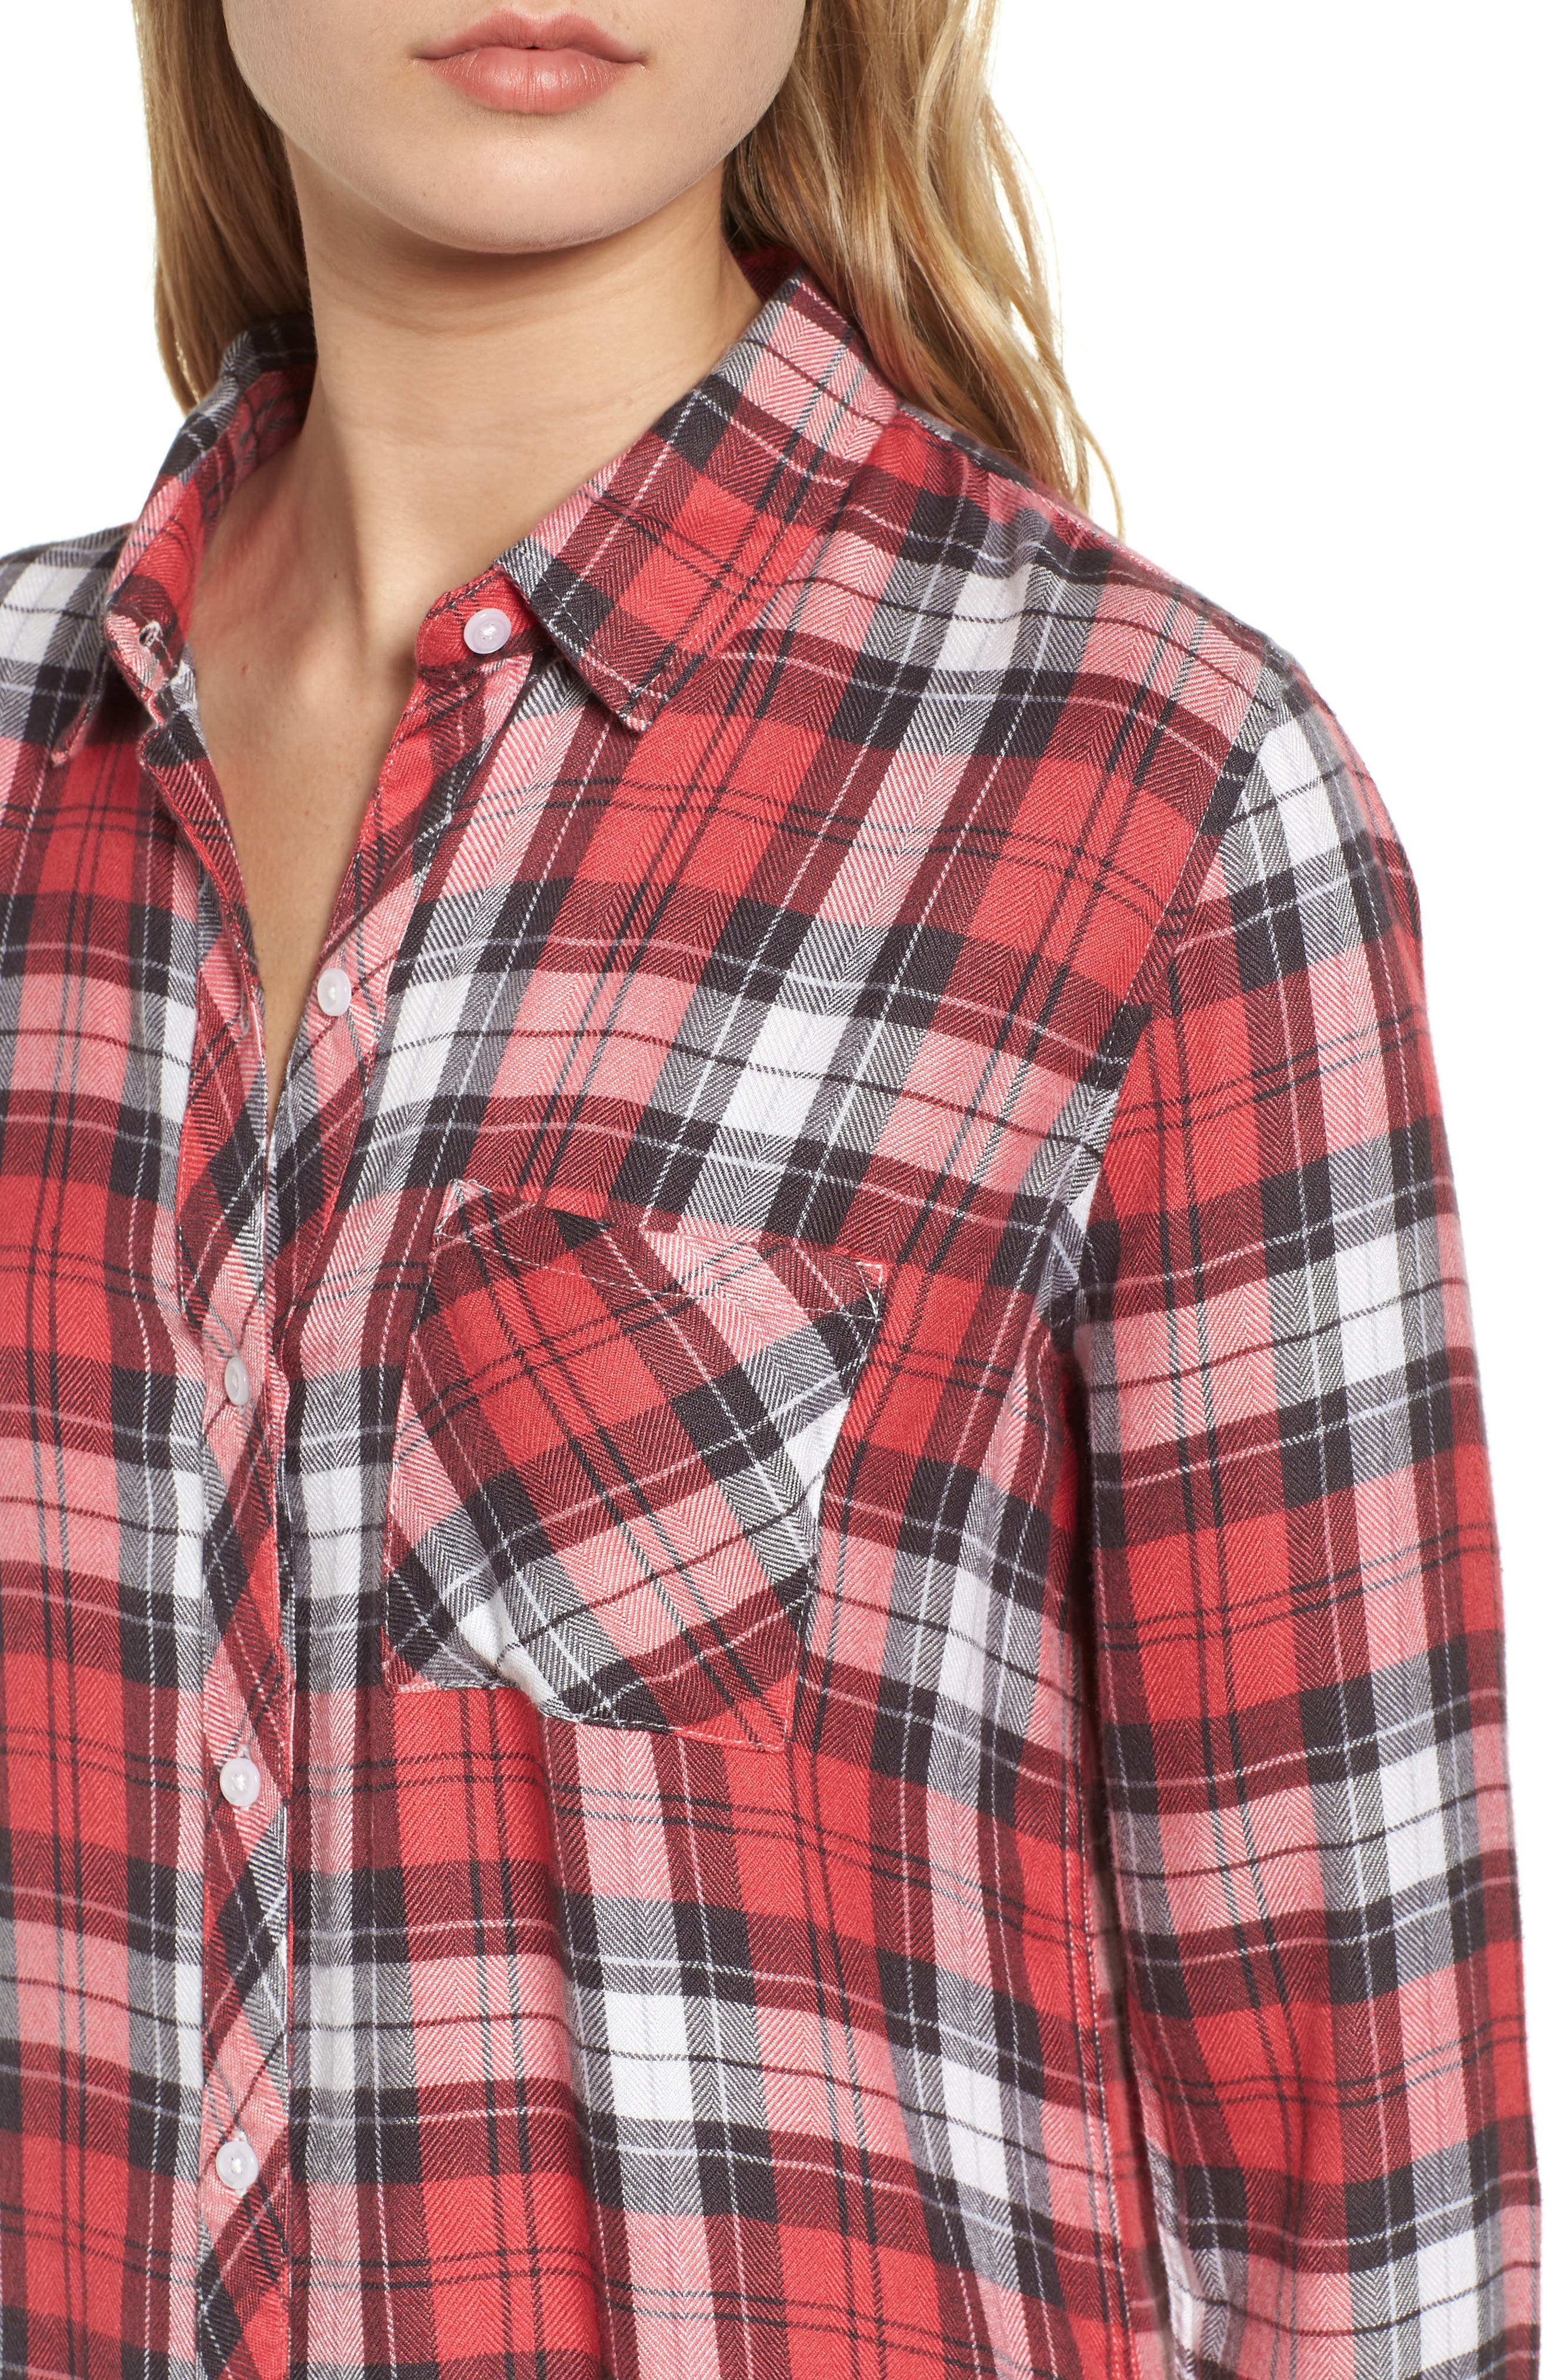 Hunter Plaid Shirt,                             Alternate thumbnail 492, color,